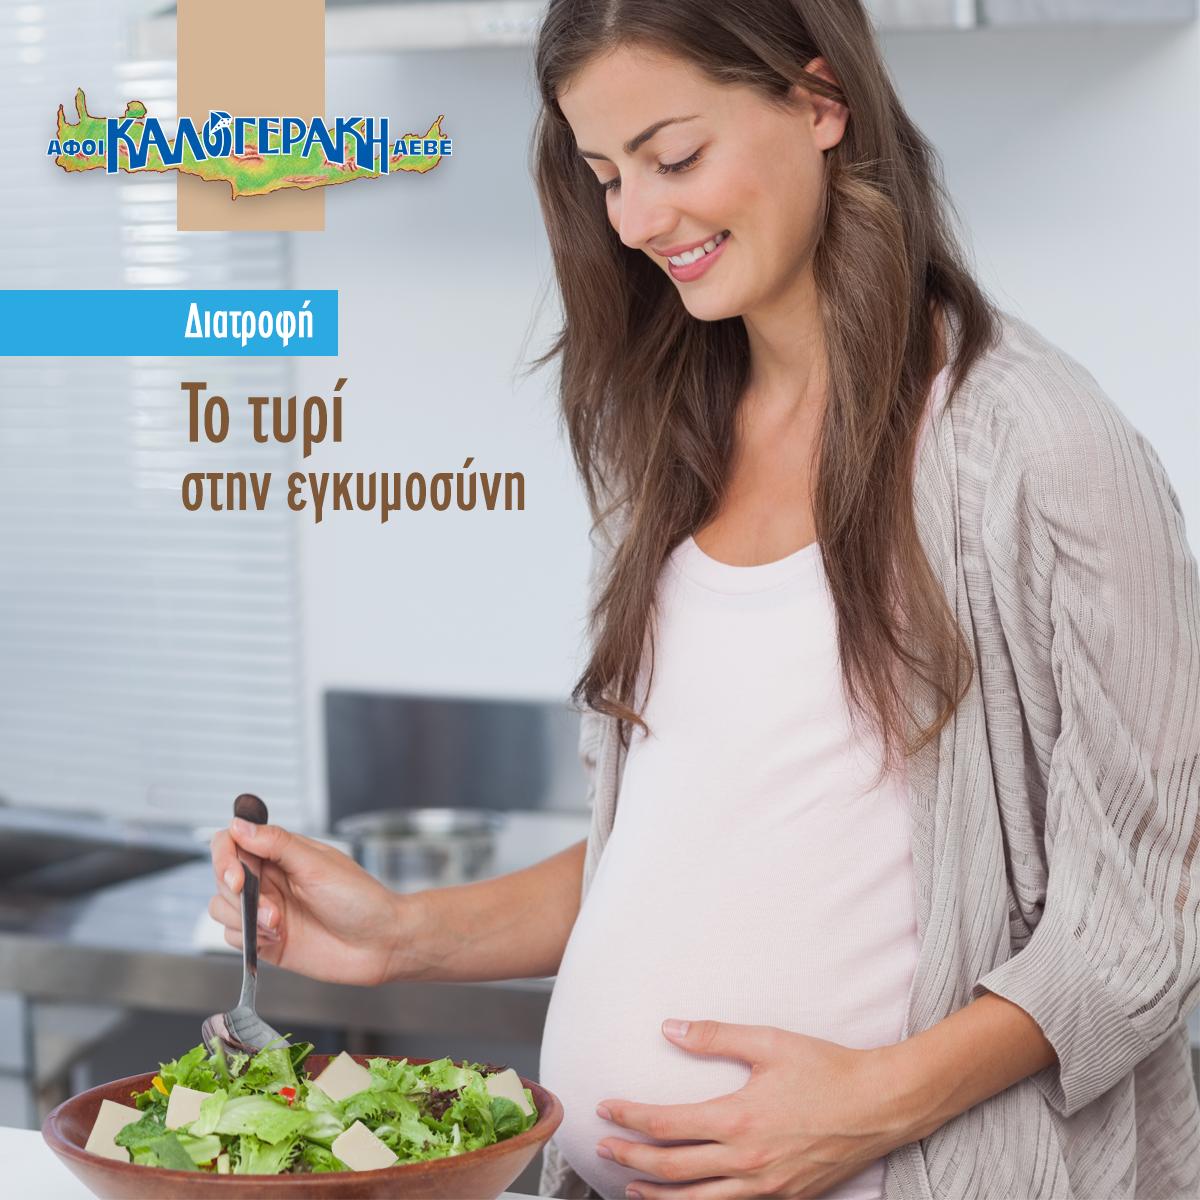 Η σημασία του τυριού την περίοδο της εγκυμοσύνης